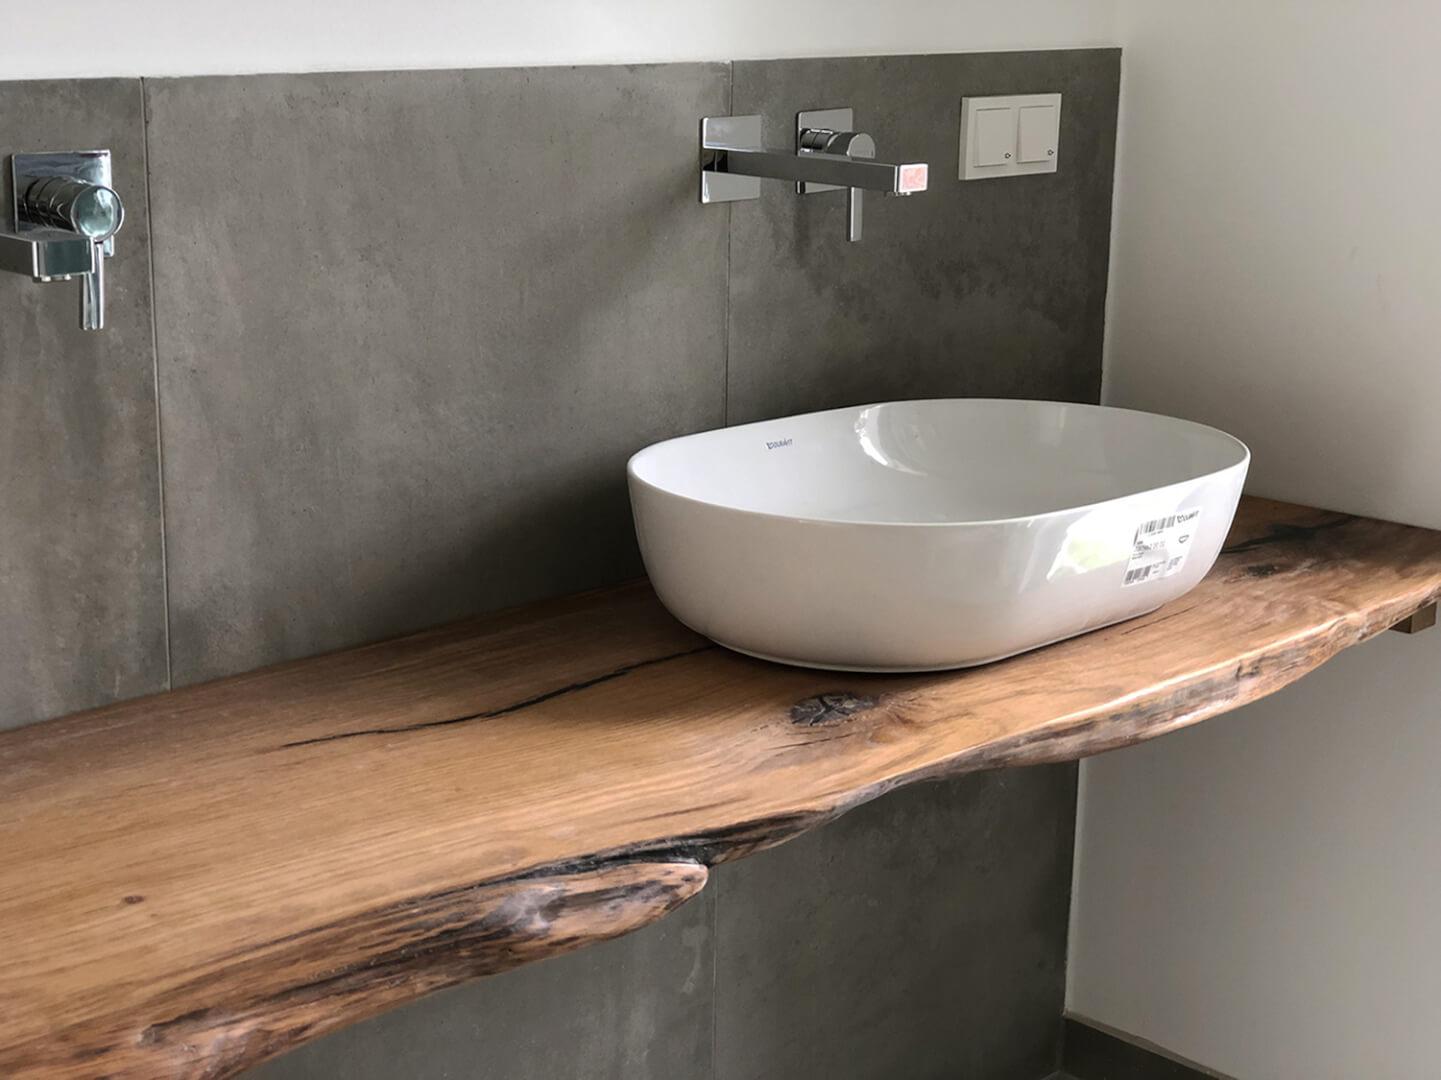 Waschtischplatte | Waschtisch massiv | Waschtisch Preise